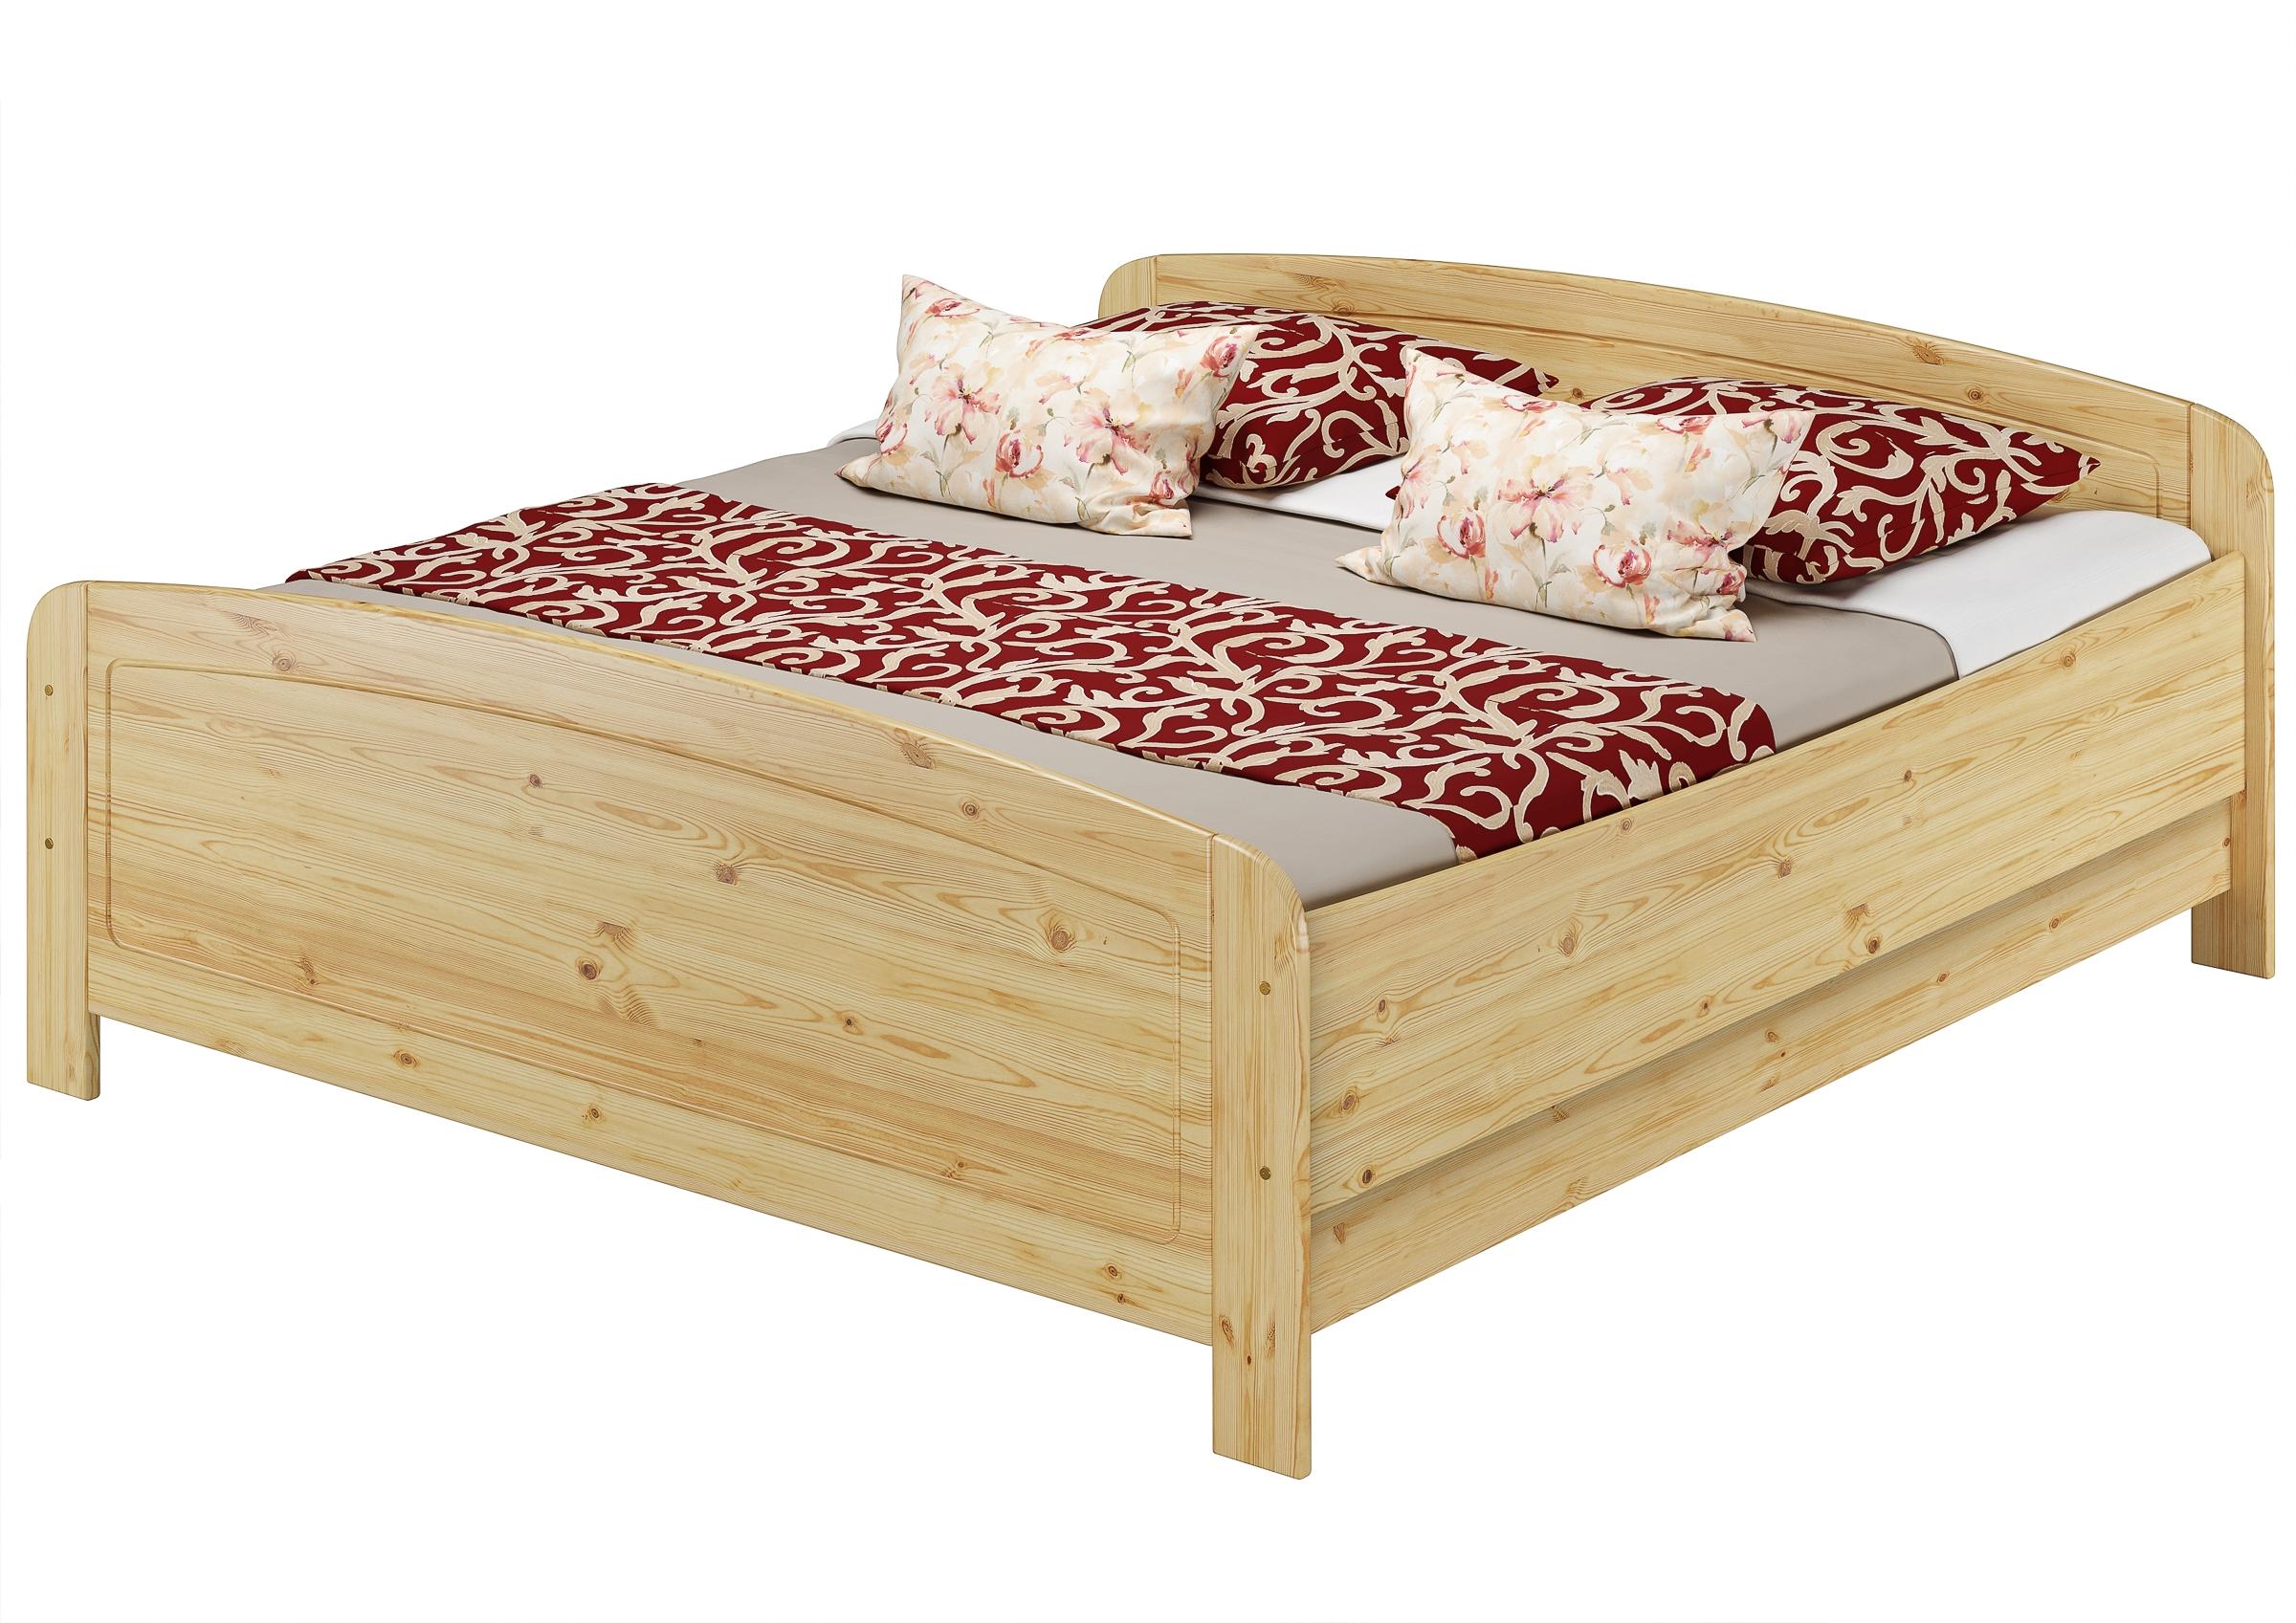 Full Size of Kiefer Bett 90x200 Weißes Mit Schubladen Weiß Bettkasten Lattenrost Und Matratze Betten Wohnzimmer Seniorenbett 90x200